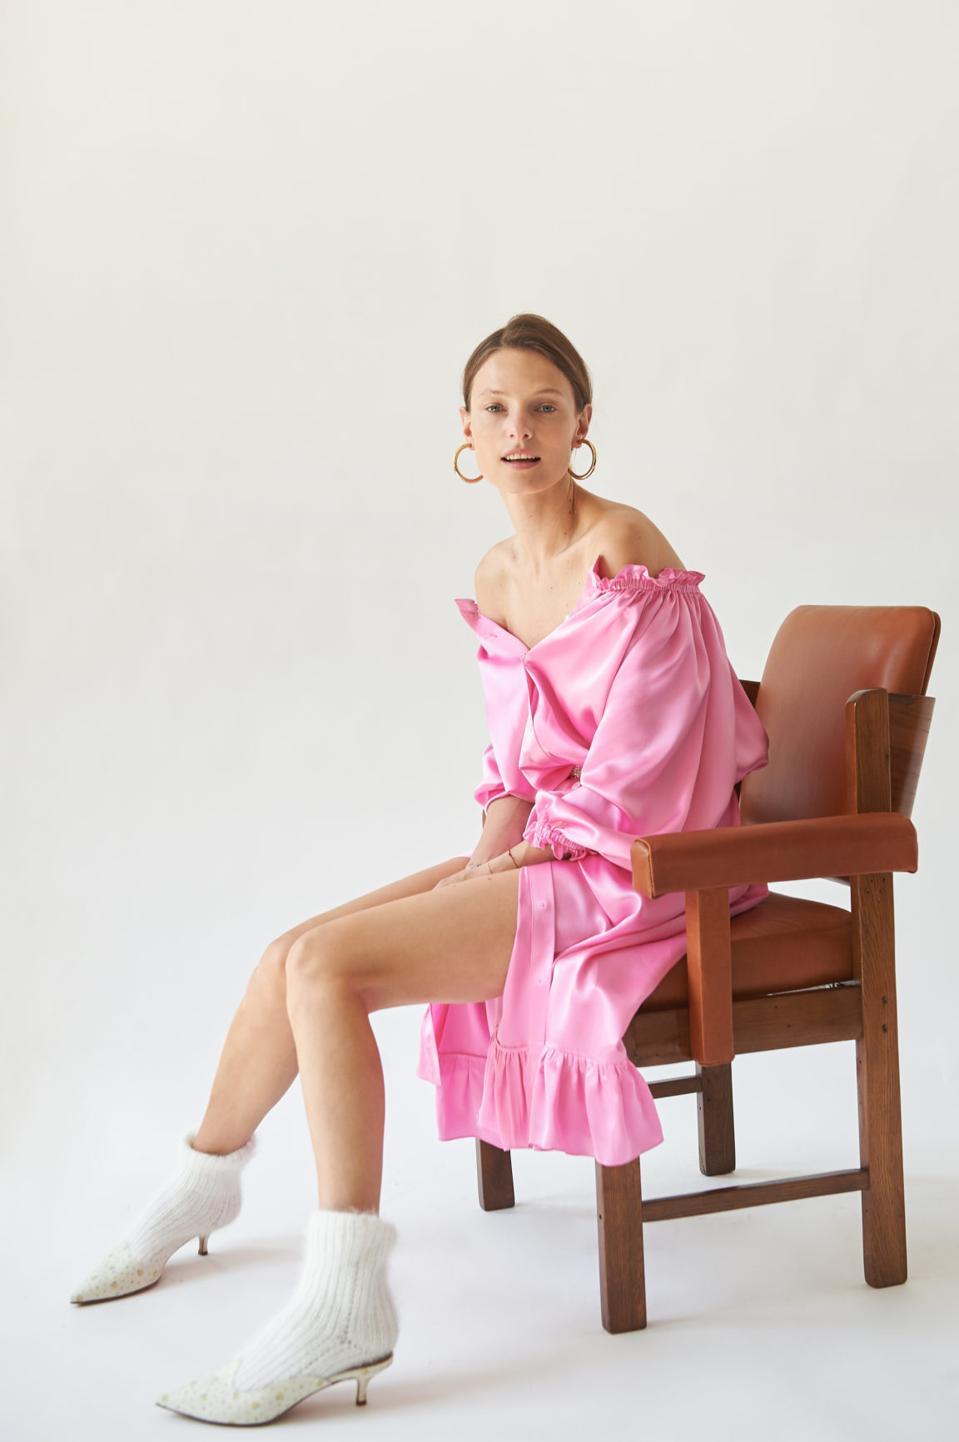 Zephyr Pink Silk Loungewear Dress by Sleeper